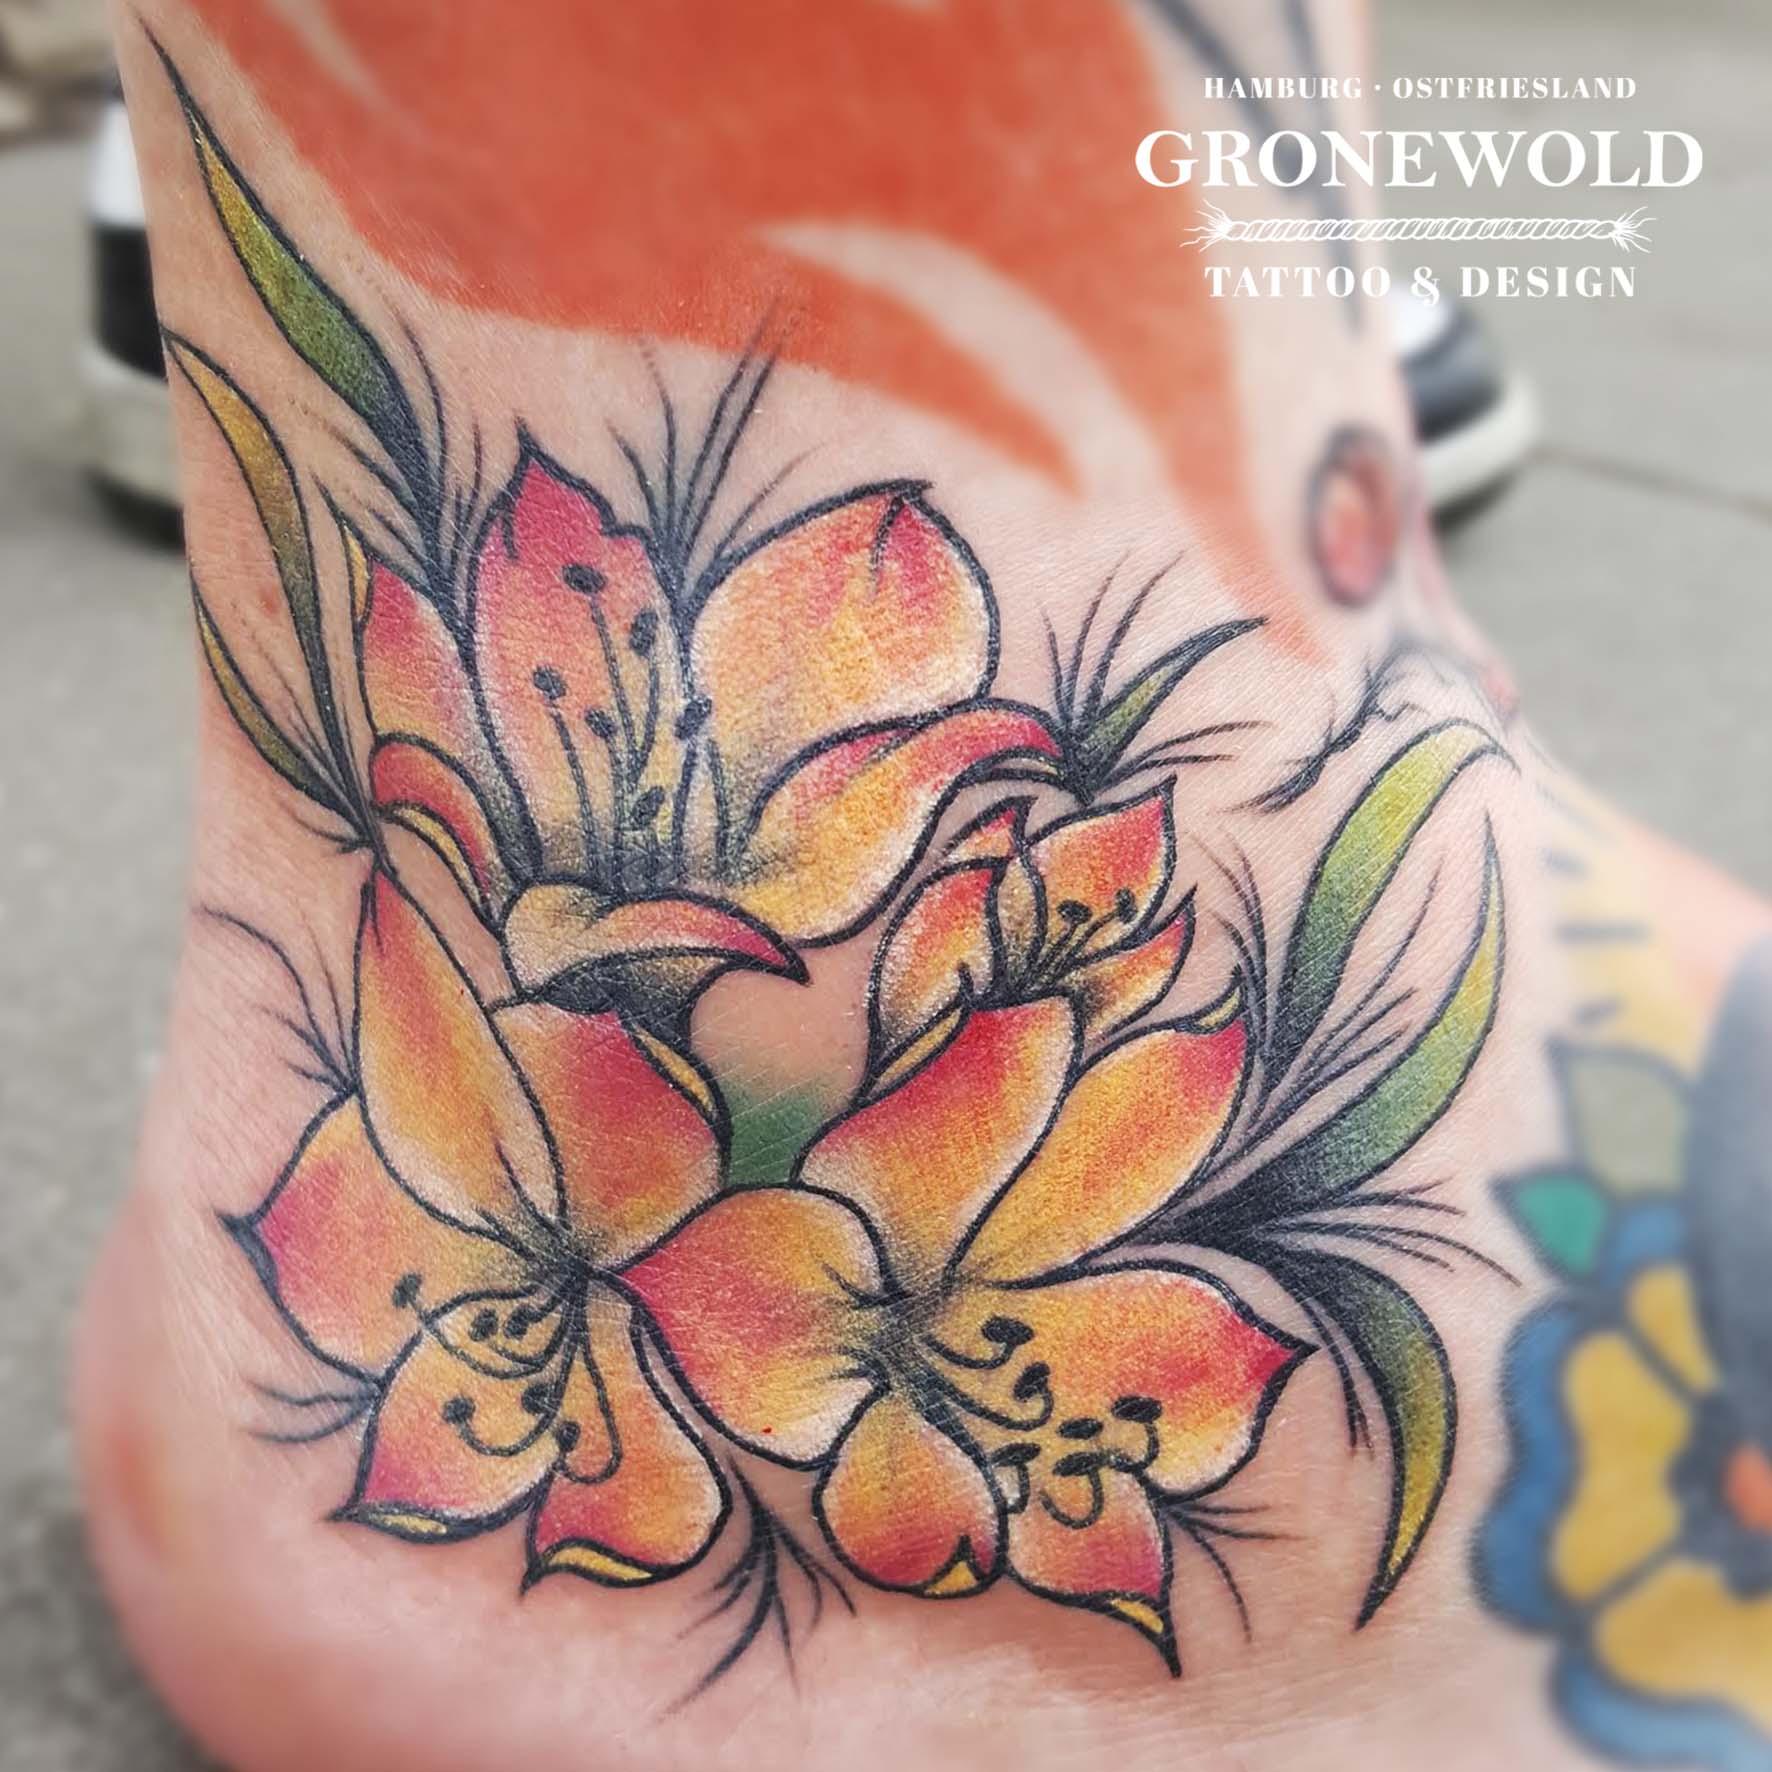 cgtattoo_quadra_150dpi_rgb_flowers